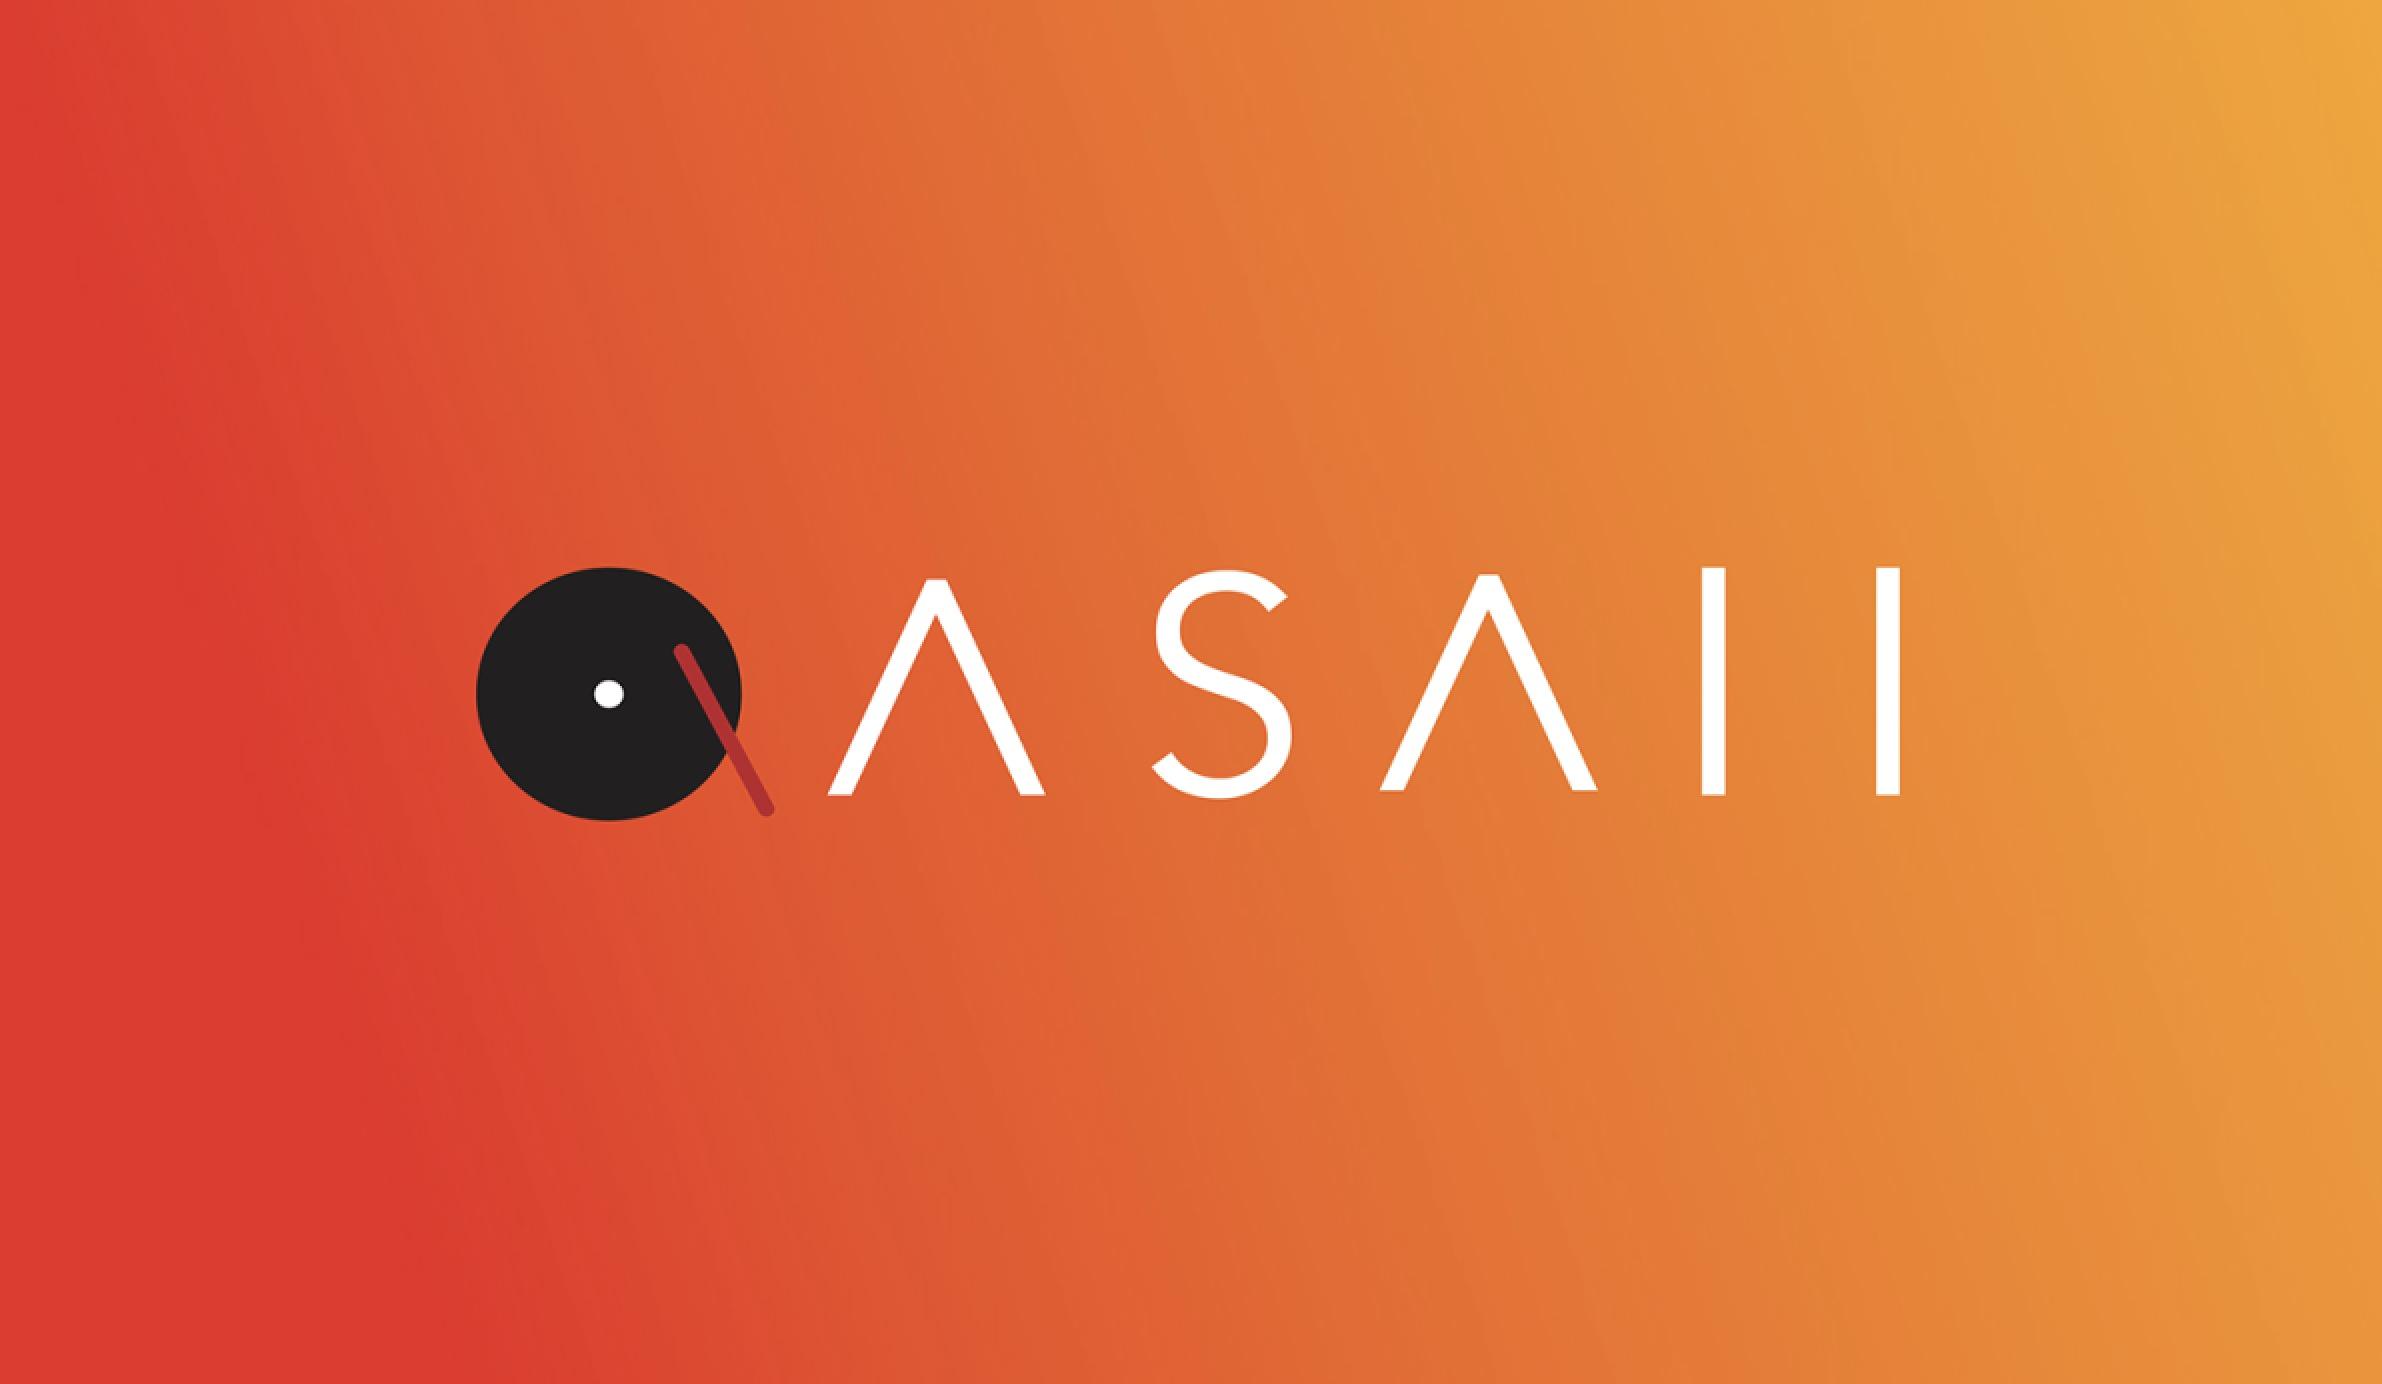 Asaii_октябрь_2018